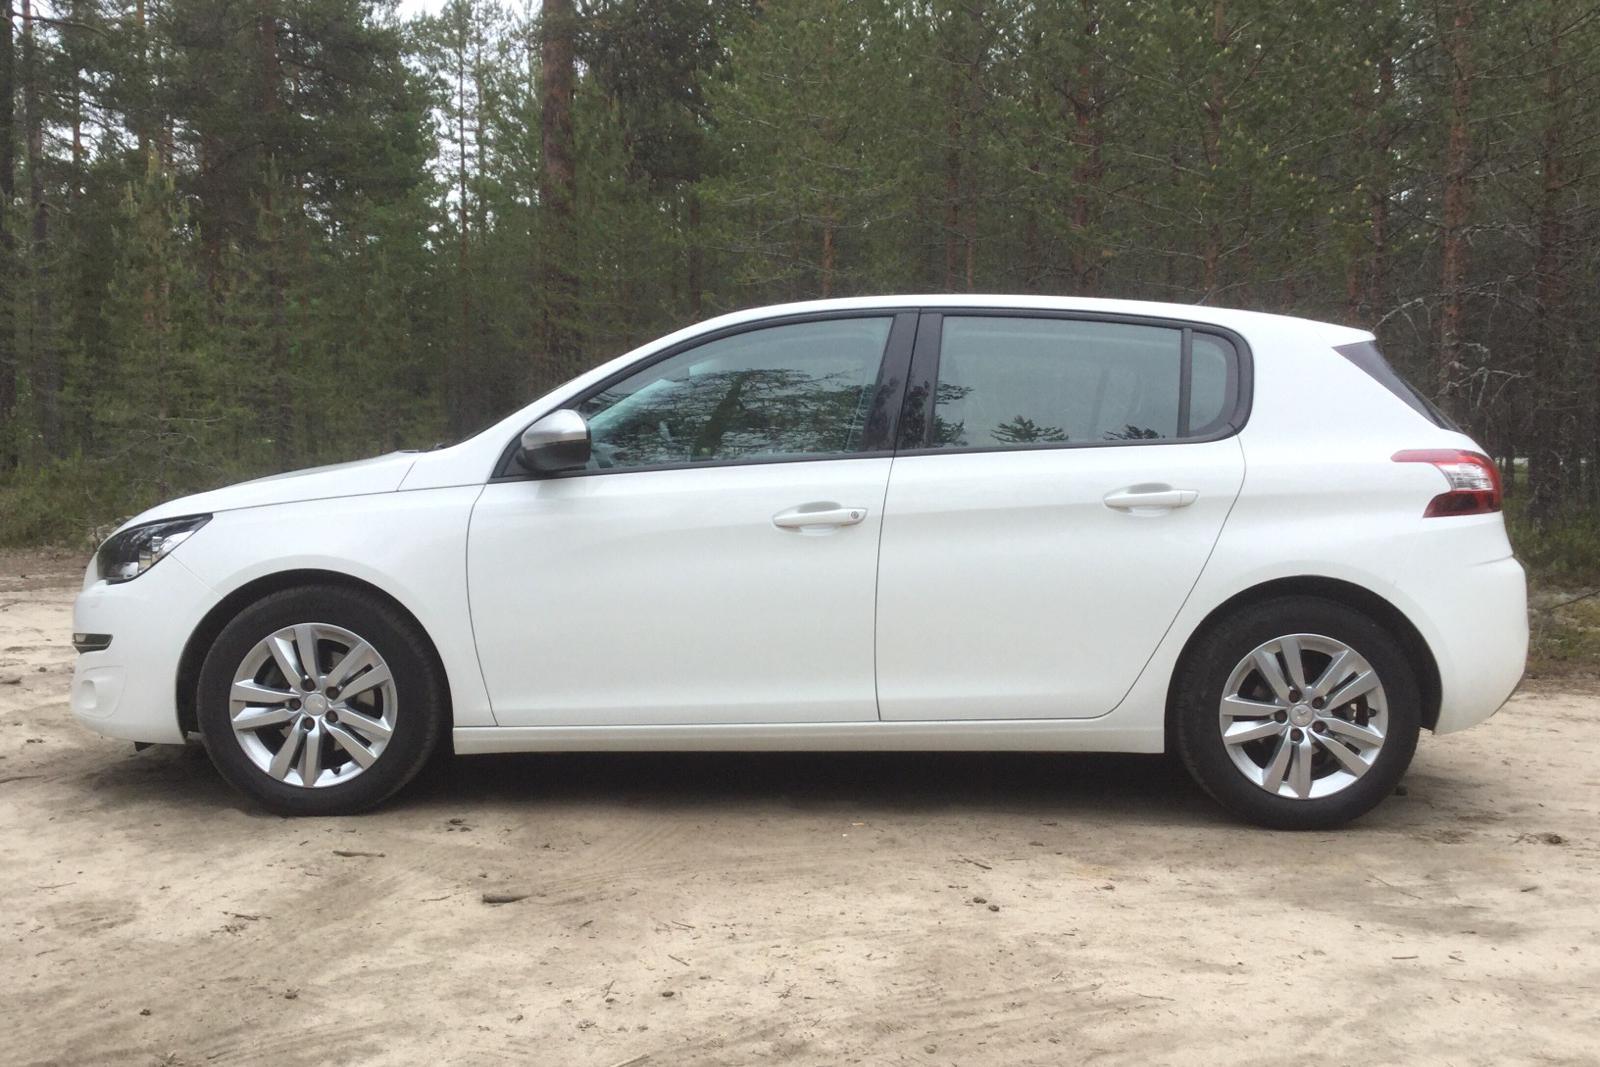 Peugeot 308 1 6 e-HDi | kvdcars com